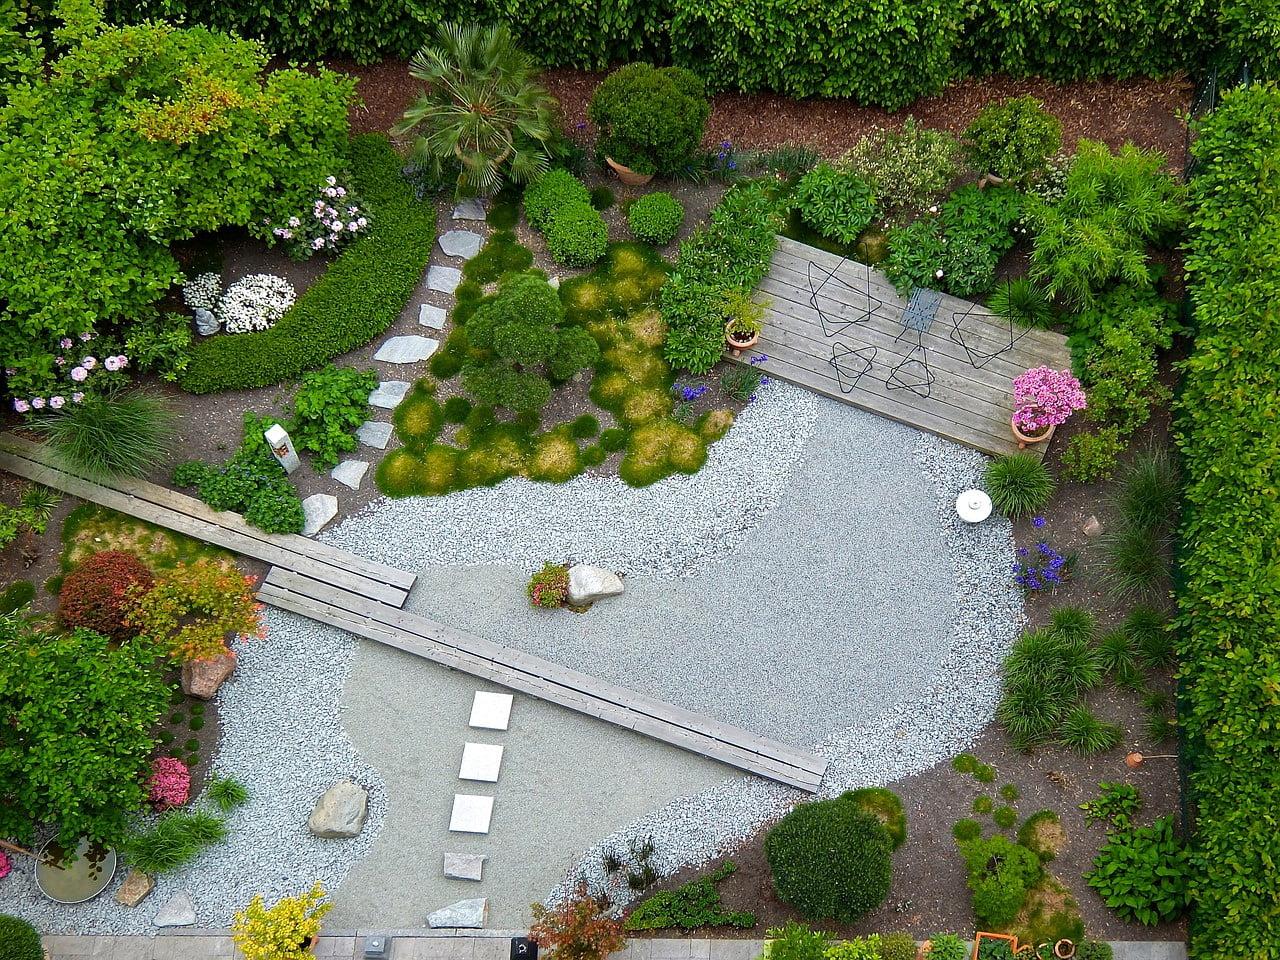 Garten Anlegen Was Ist Zu Beachten Selbermachen De